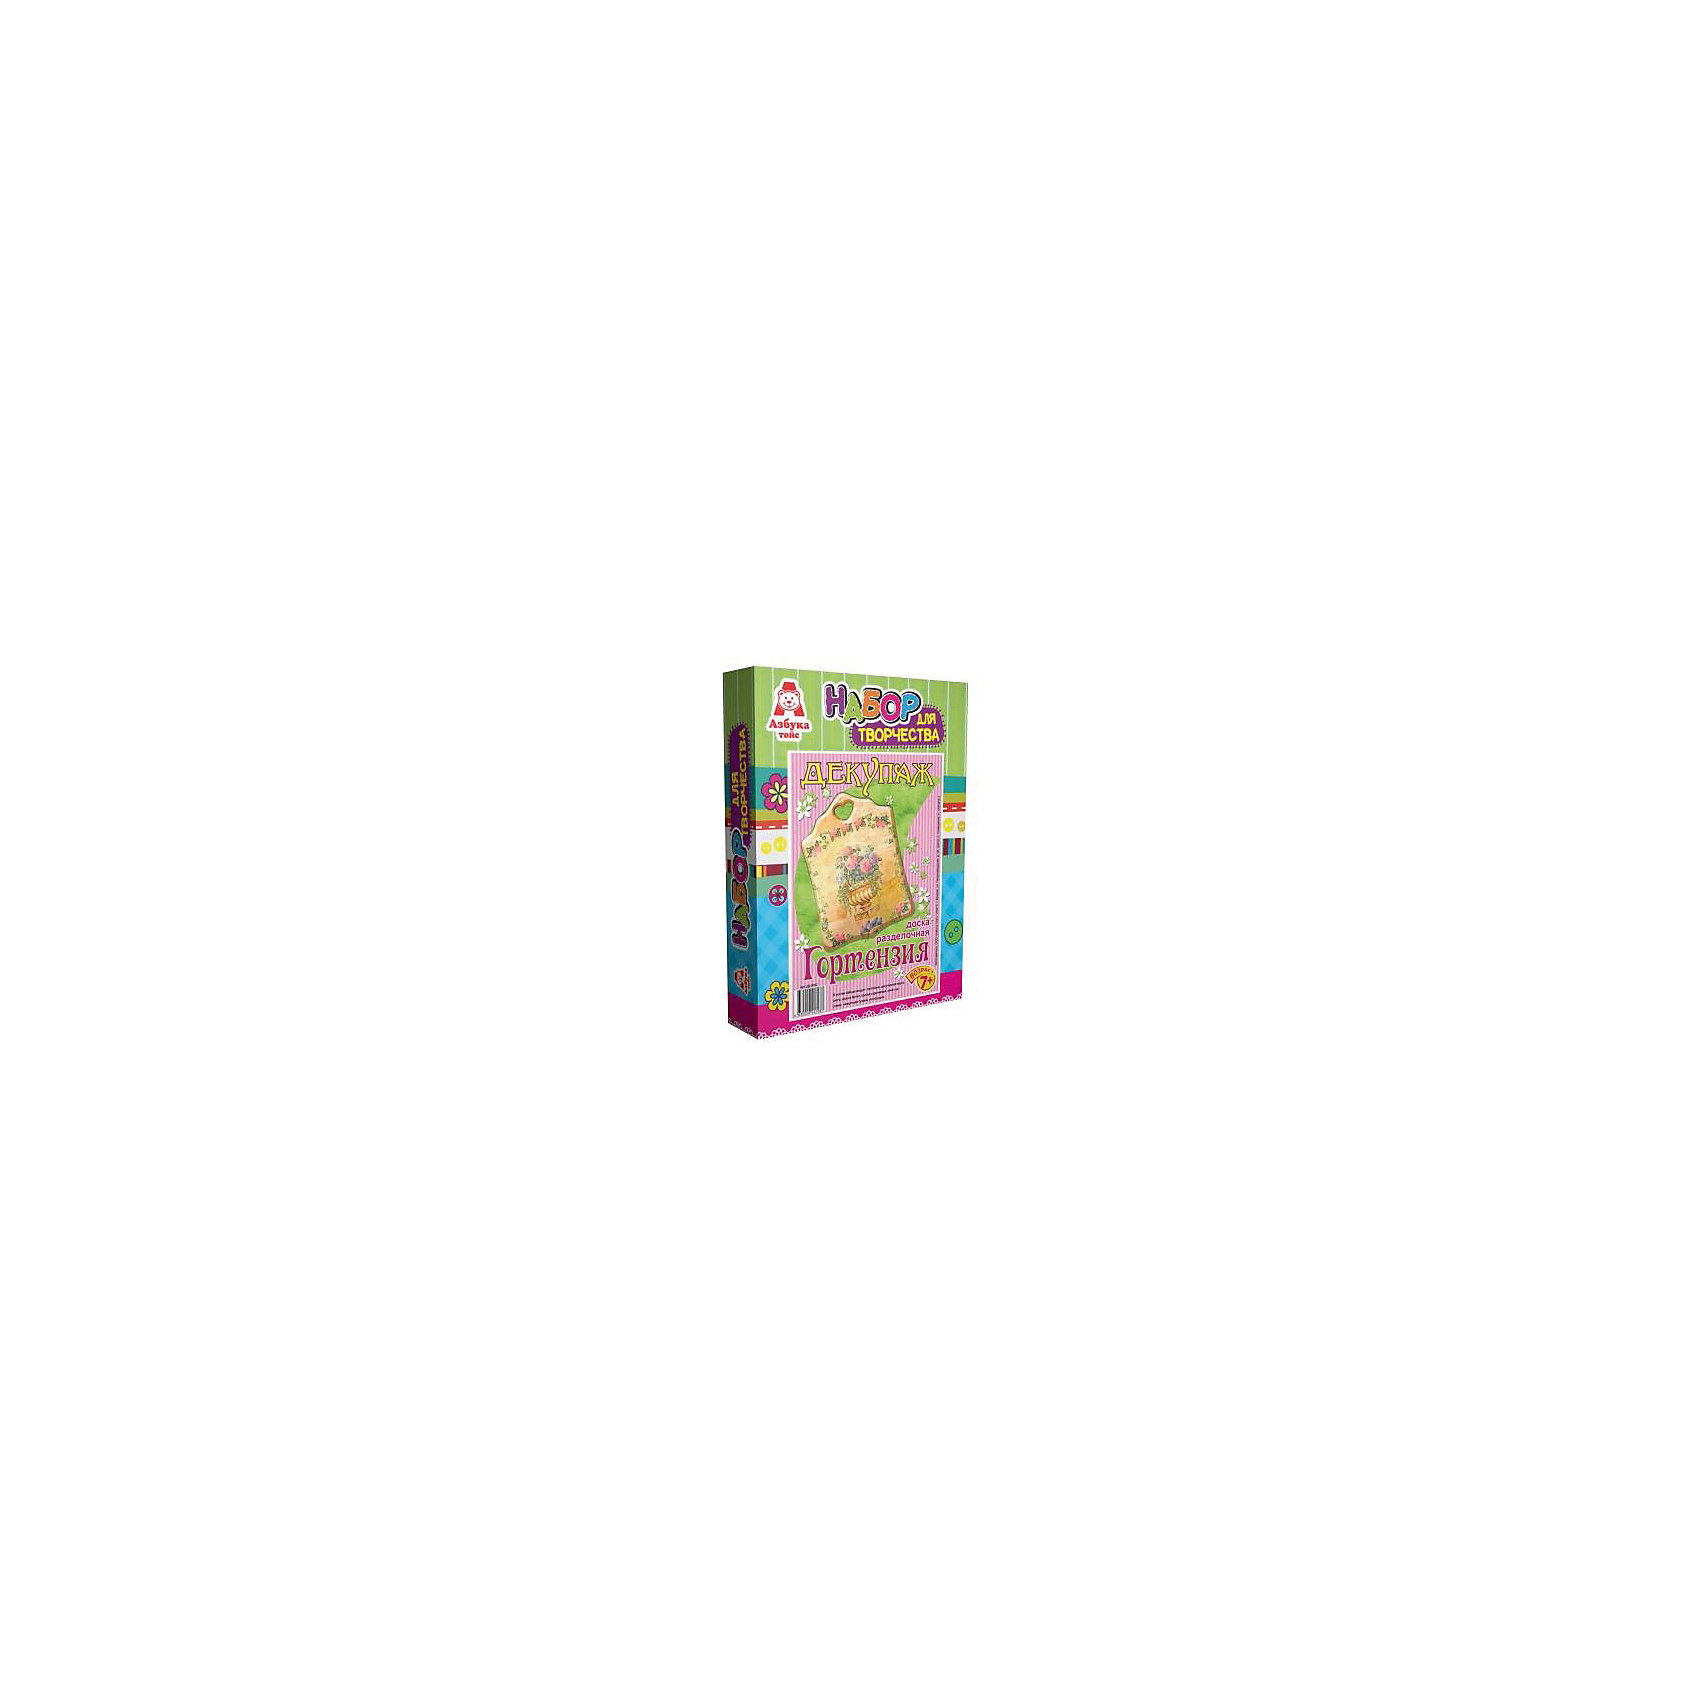 Декупаж. Доска разделочная ГортензияНаборы для раскрашивания<br>Декупаж. Доска разделочная Гортензия<br><br>Характеристики:<br><br>- в набор входит: разделочная доска, кисть, декупажный рисунок, краски, лак, наждачная бумага, спонж<br>- состав: дерево, бумага, пластик <br>- формат: 28 * 5 * 21 см.<br>- вес: 336 гр.<br>- для детей в возрасте: от 7 до 12 лет<br>- Страна производитель: Российская Федерация<br><br>Набор для творчества декупаж от компании Азбука тойс понравится умелым ручкам и они превратят простую деревянную доску в настоящее произведение искусства. Пошаговая инструкция подробно описывает процесс выполнения поделки и даже новички отлично справятся с декупажом. Все необходимые материалы уже входят в комплект, нужно всего лишь открыть красивую коробочку и уже можно приниматься за дело. Работа с таким набором развивает моторику рук, воображение, усидчивость, аккуратность и внимание. Занятие декупажом привлекает ребенка к усидчивой, неспешной работе, которая в итоге будет вознаграждена чудесной поделкой, небольшим шедевром, который можно подарить маме, бабушке, сестре или подруге.<br><br>Набор для творчества Декупаж. Доска разделочная Гортензия можно купить в нашем интернет-магазине.<br><br>Ширина мм: 210<br>Глубина мм: 50<br>Высота мм: 280<br>Вес г: 336<br>Возраст от месяцев: 84<br>Возраст до месяцев: 144<br>Пол: Женский<br>Возраст: Детский<br>SKU: 5062947